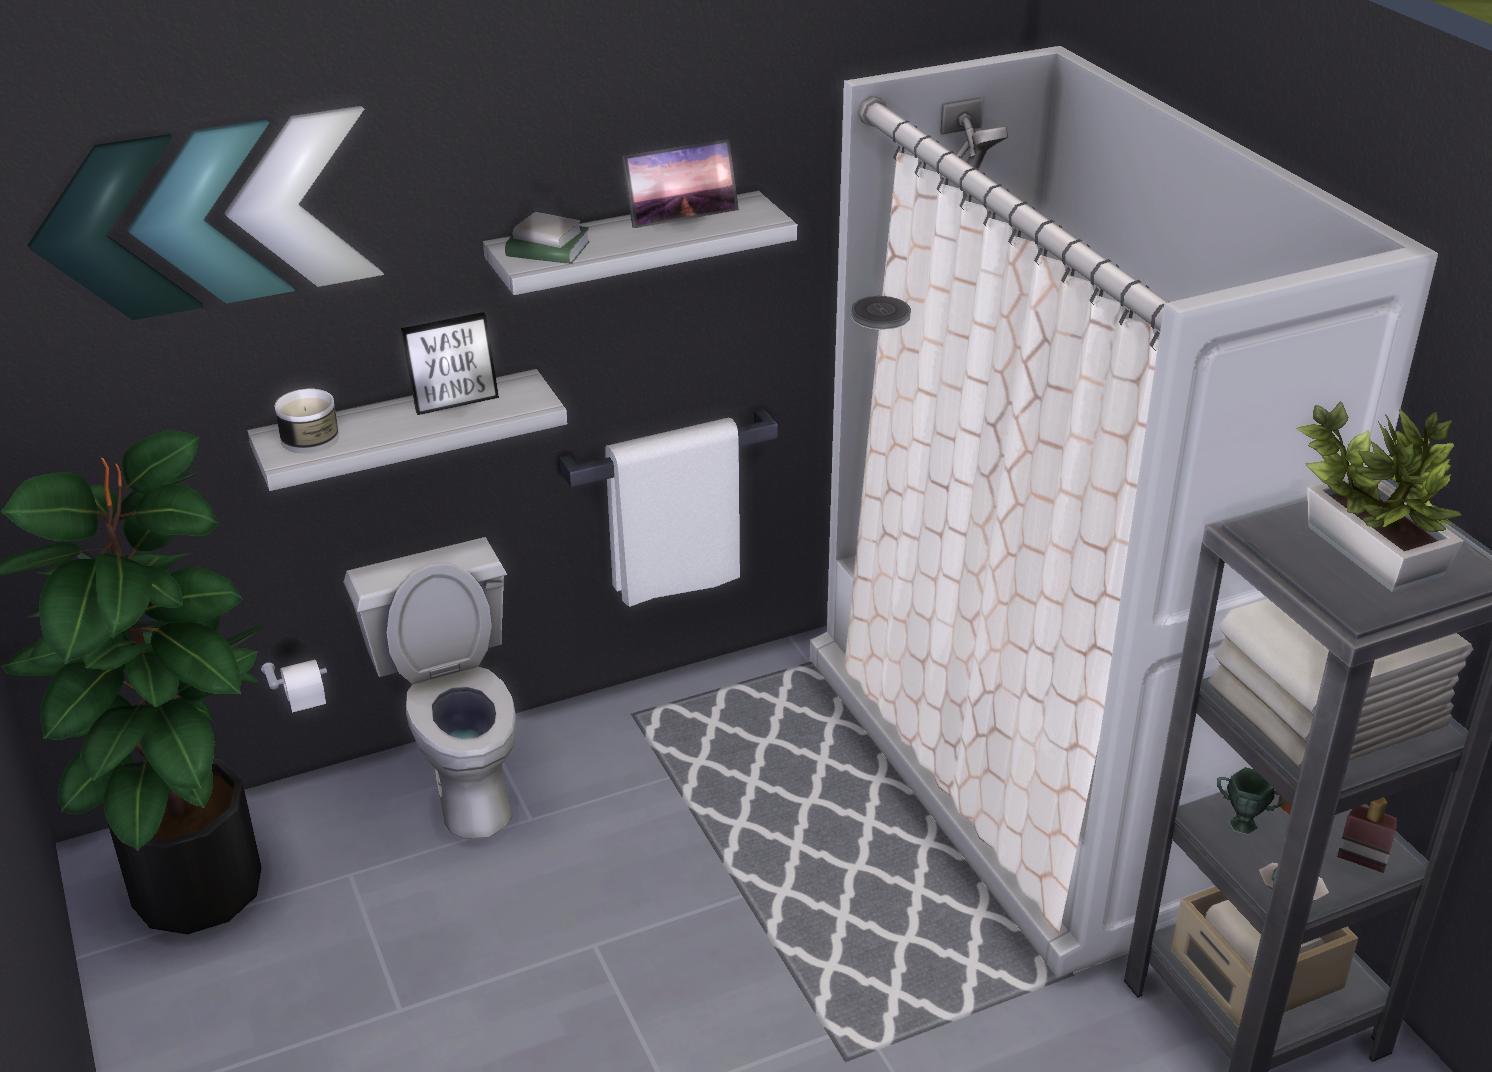 Sims 7 CC  Bathroom Decor Set 7  Custom Content  TheSimsSpace